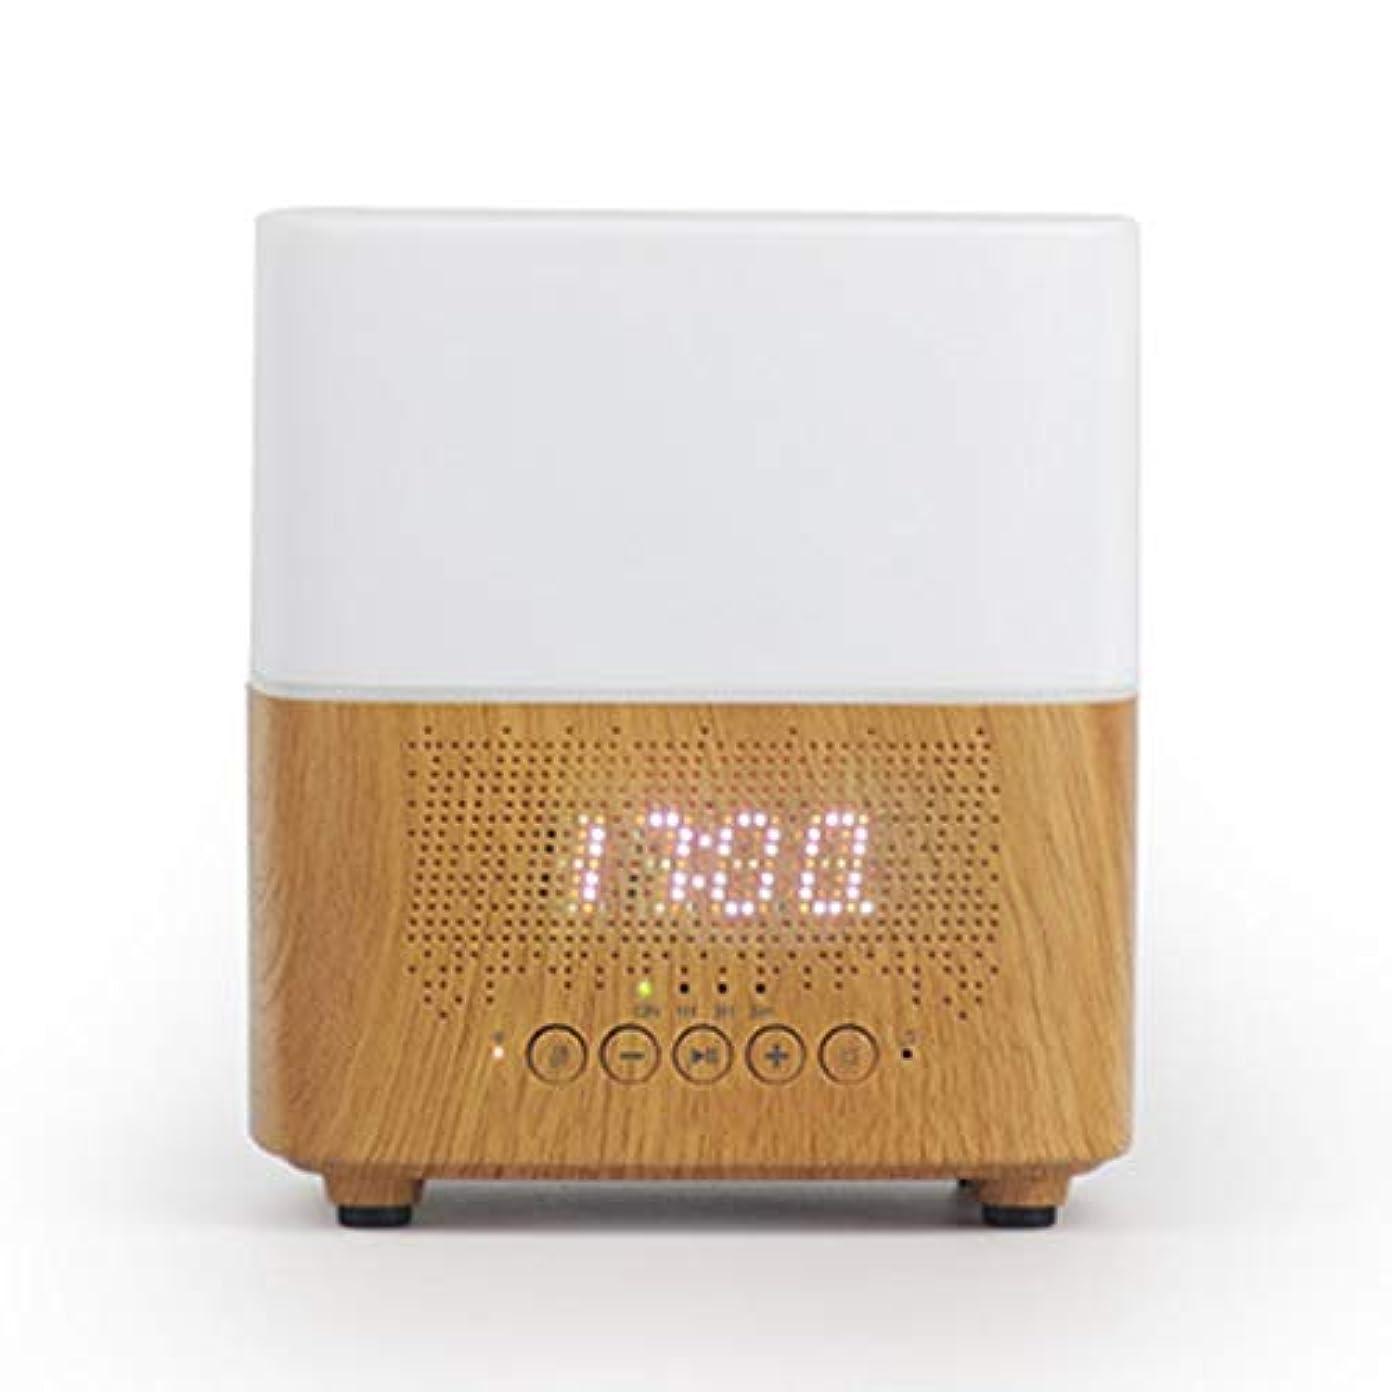 デモンストレーション幻影謝るブルートゥースのスピーカー機械LED時計の目覚まし時計の夜ライト加湿器 (Color : White)